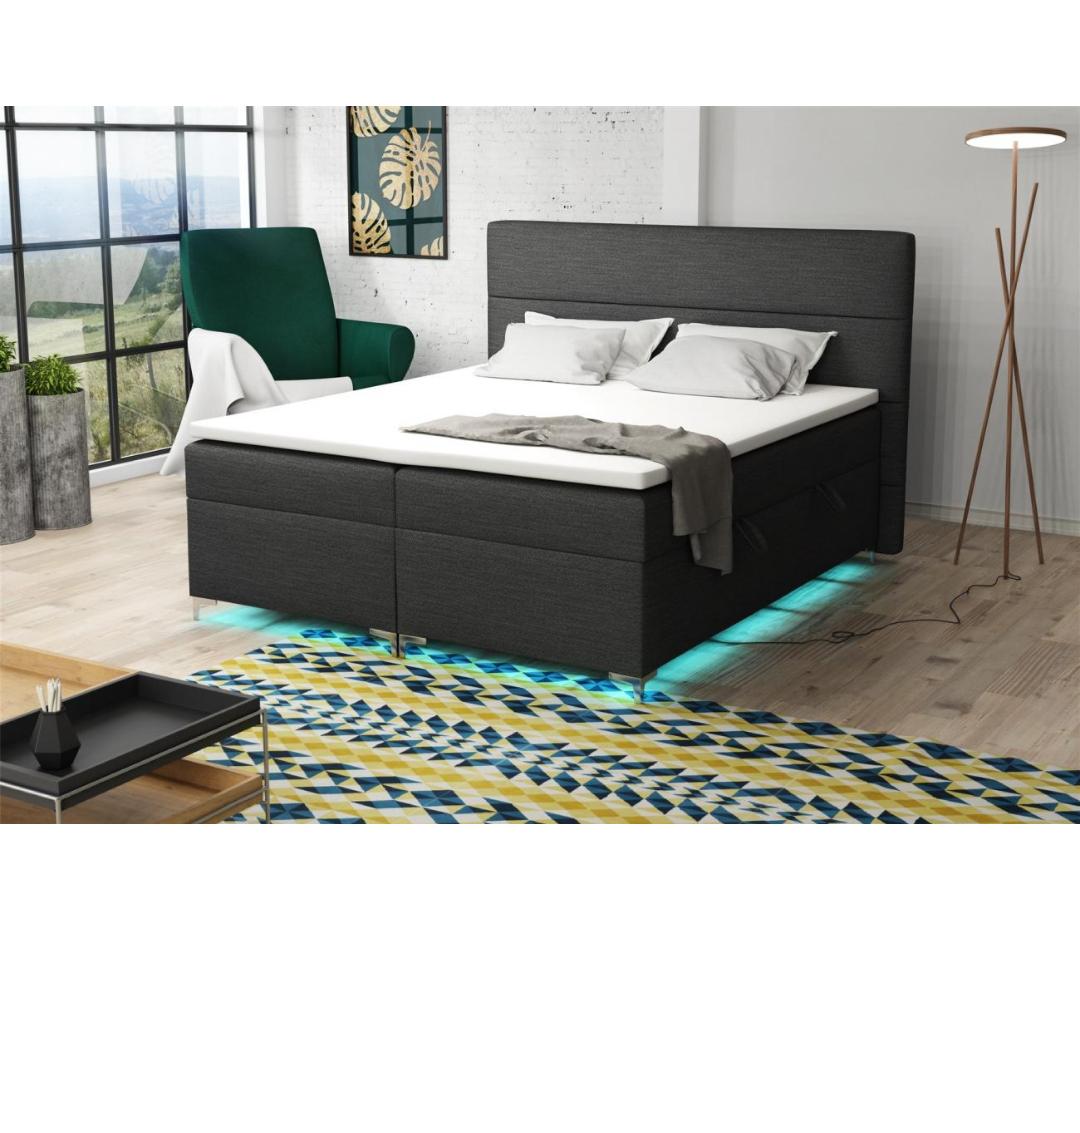 Boxspringbett Schlafzimmerbett CANELA 200x200cm inkl.Bettkasten/ LED